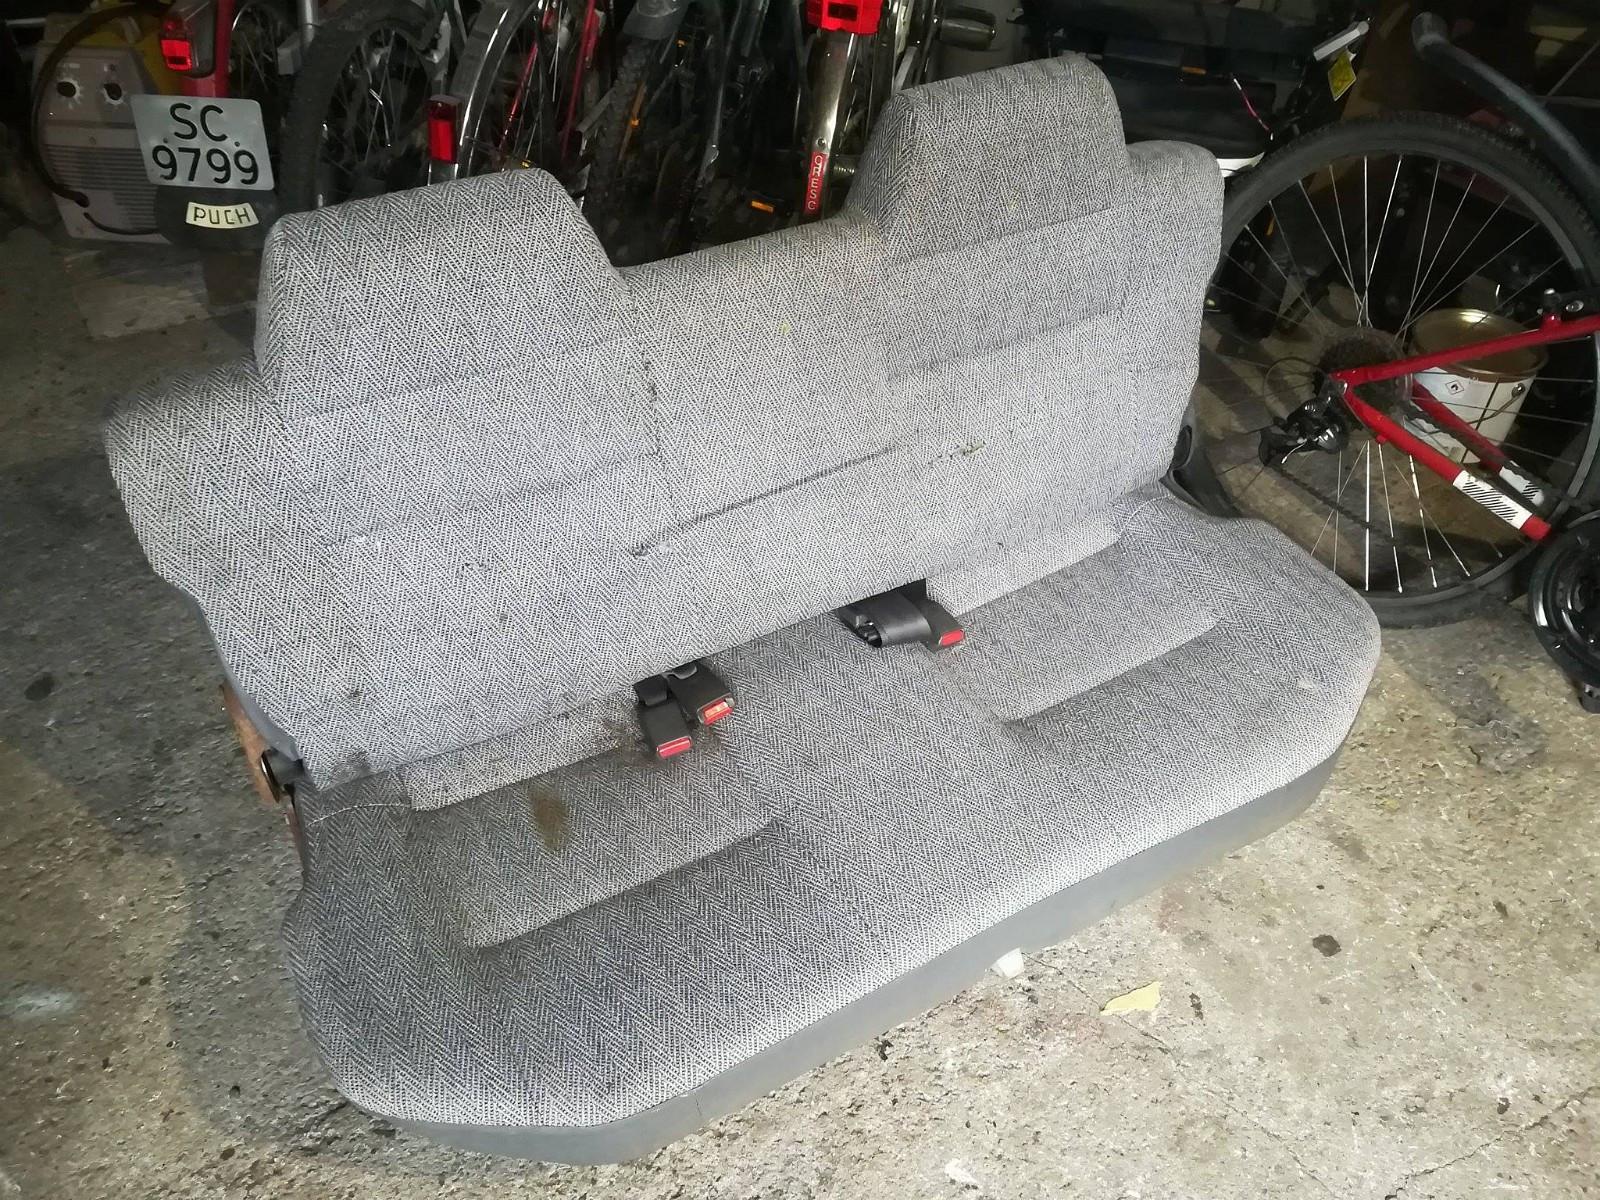 Daihatsu Rocky baksete - Aksdal  - Daihatsu Rocky seter selges. Stått i en 1995 modell.  Litt småflekker, men som sikkert går vekk med en vask. Rifter i stoff på frem og baksiden.  Kan sendes etter avtale. - Aksdal